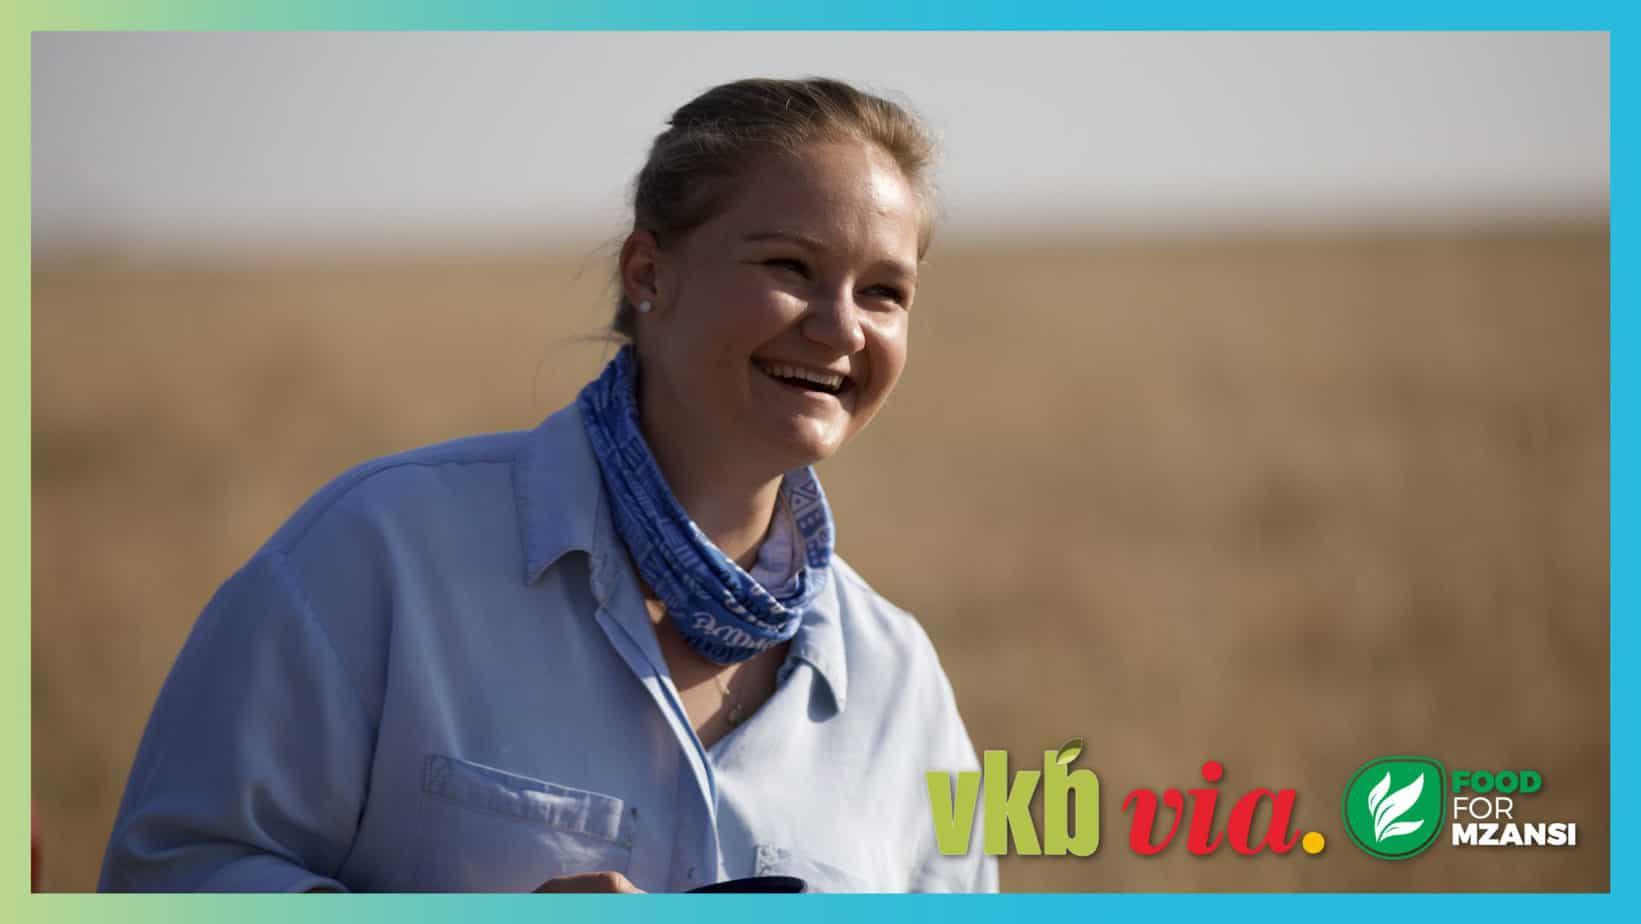 Episode 8 of the agricultural TV show, Vir die liefde van die land, features 25-year-old stud breeder, Annalea van Niekerk. Photos: Wyrd Films.